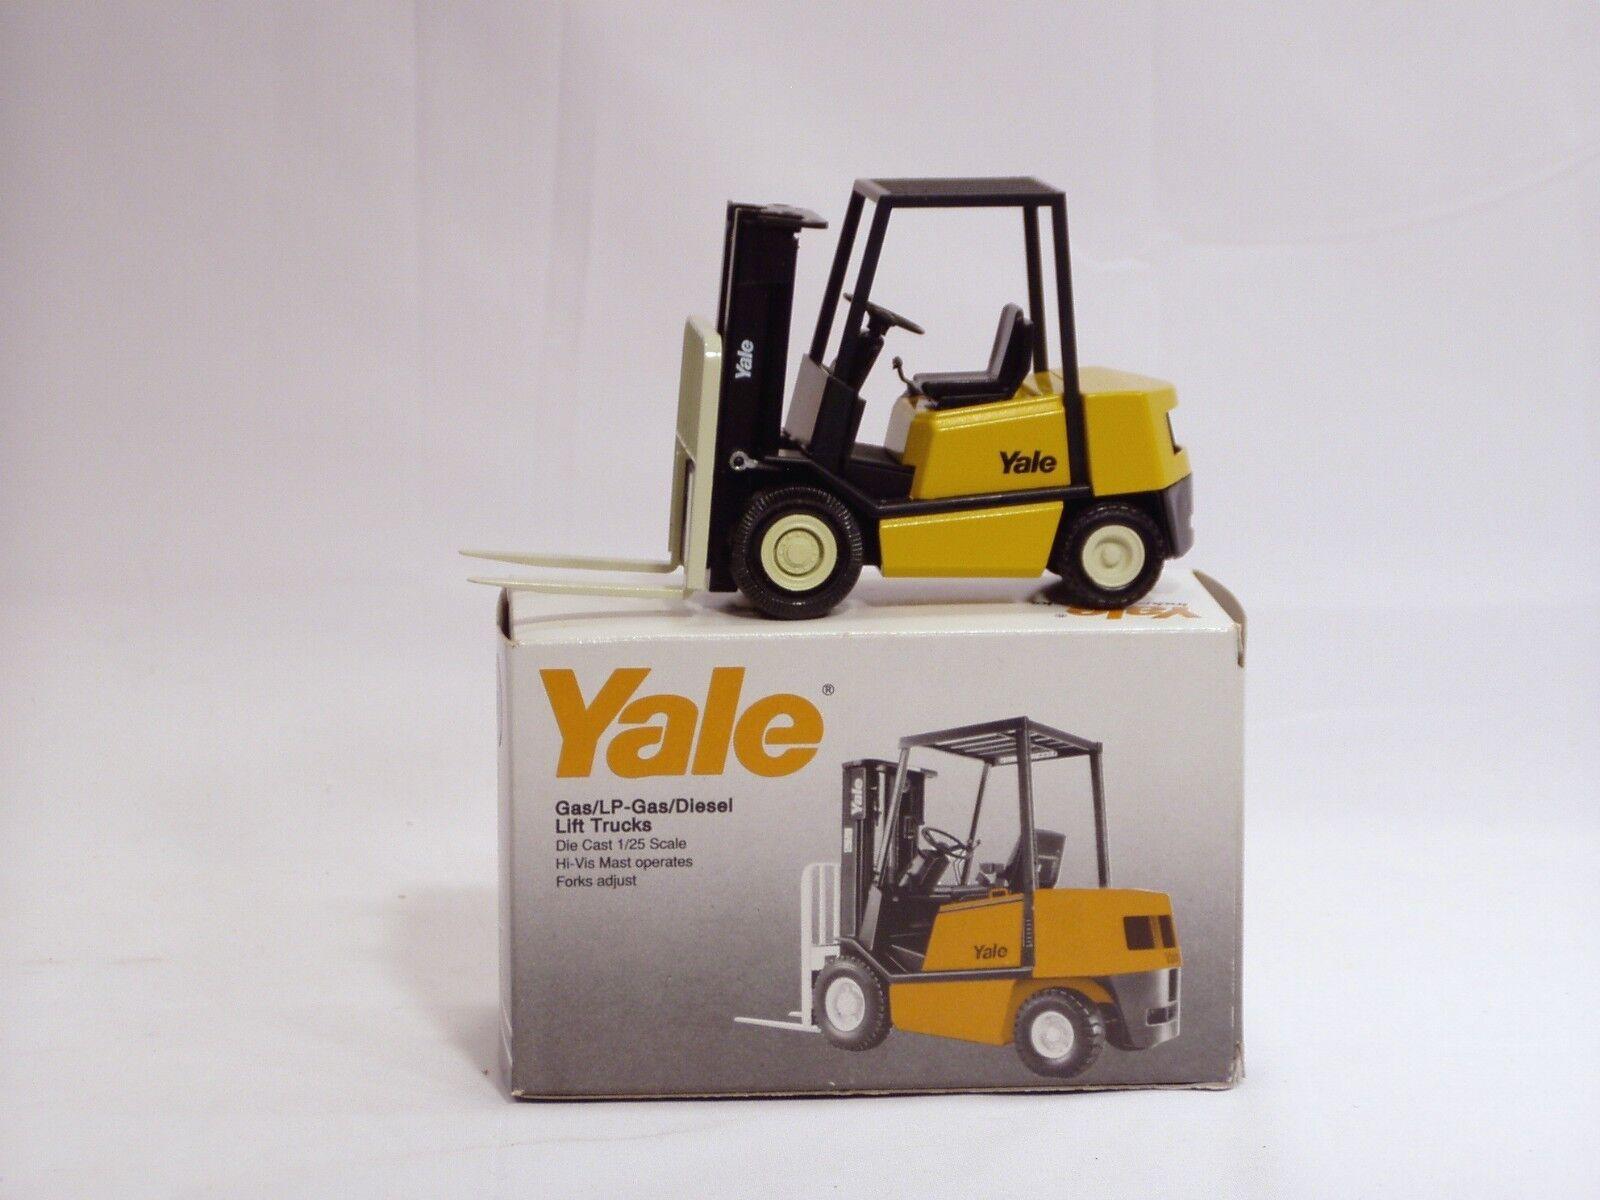 Yale Chariot élévateur - 1 25 - Conrad  2998 - Comme neuf IN BOX